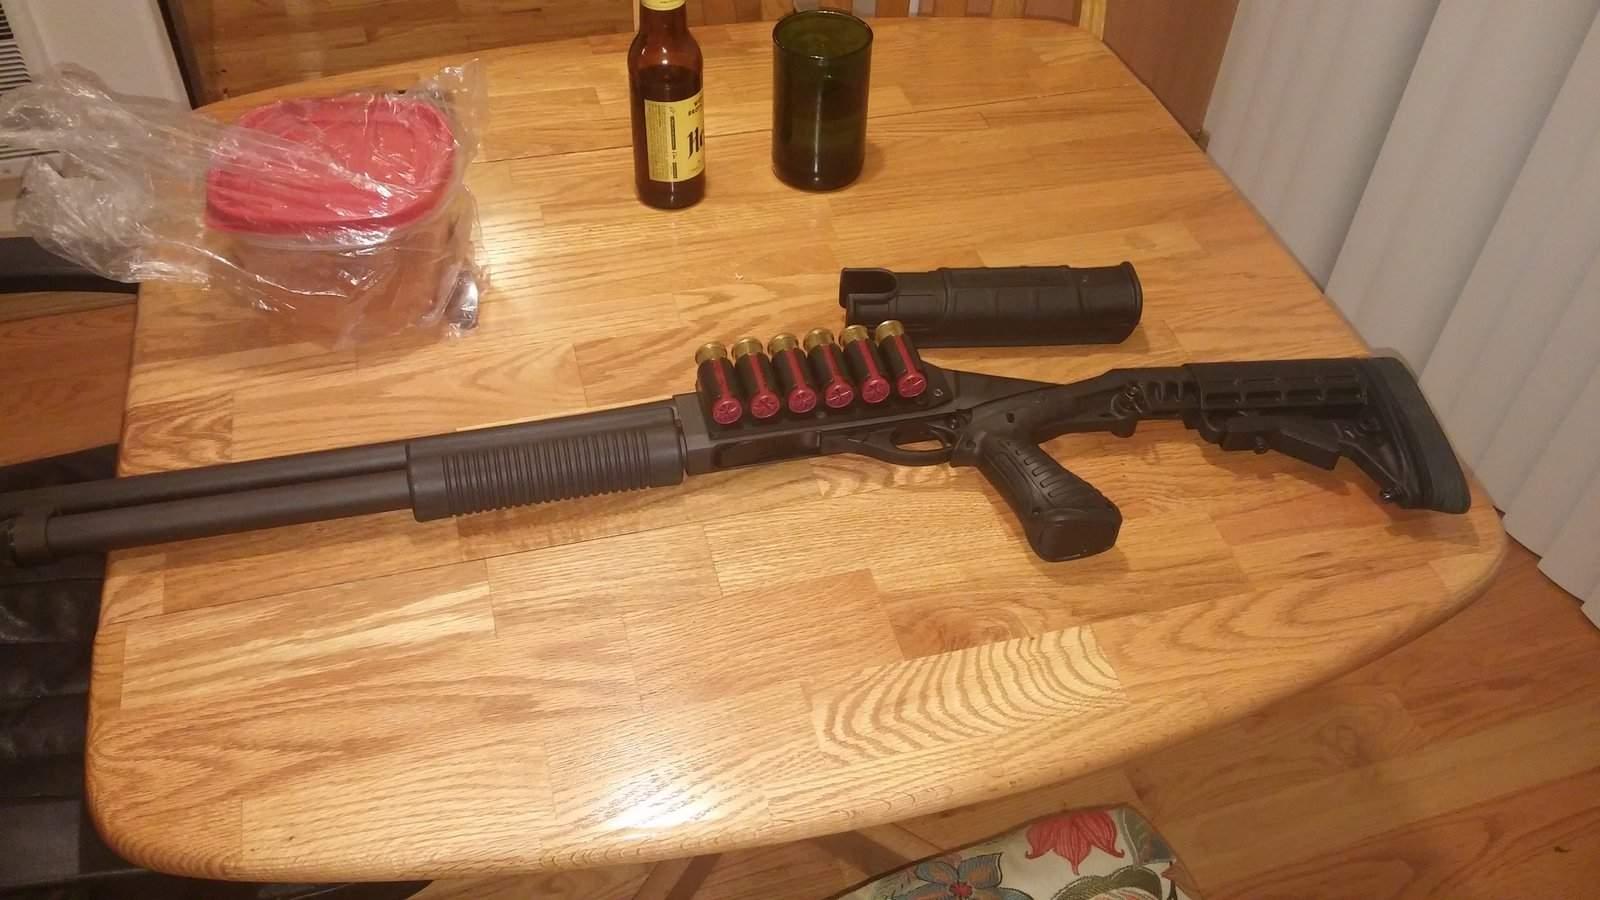 Northwest Firearms